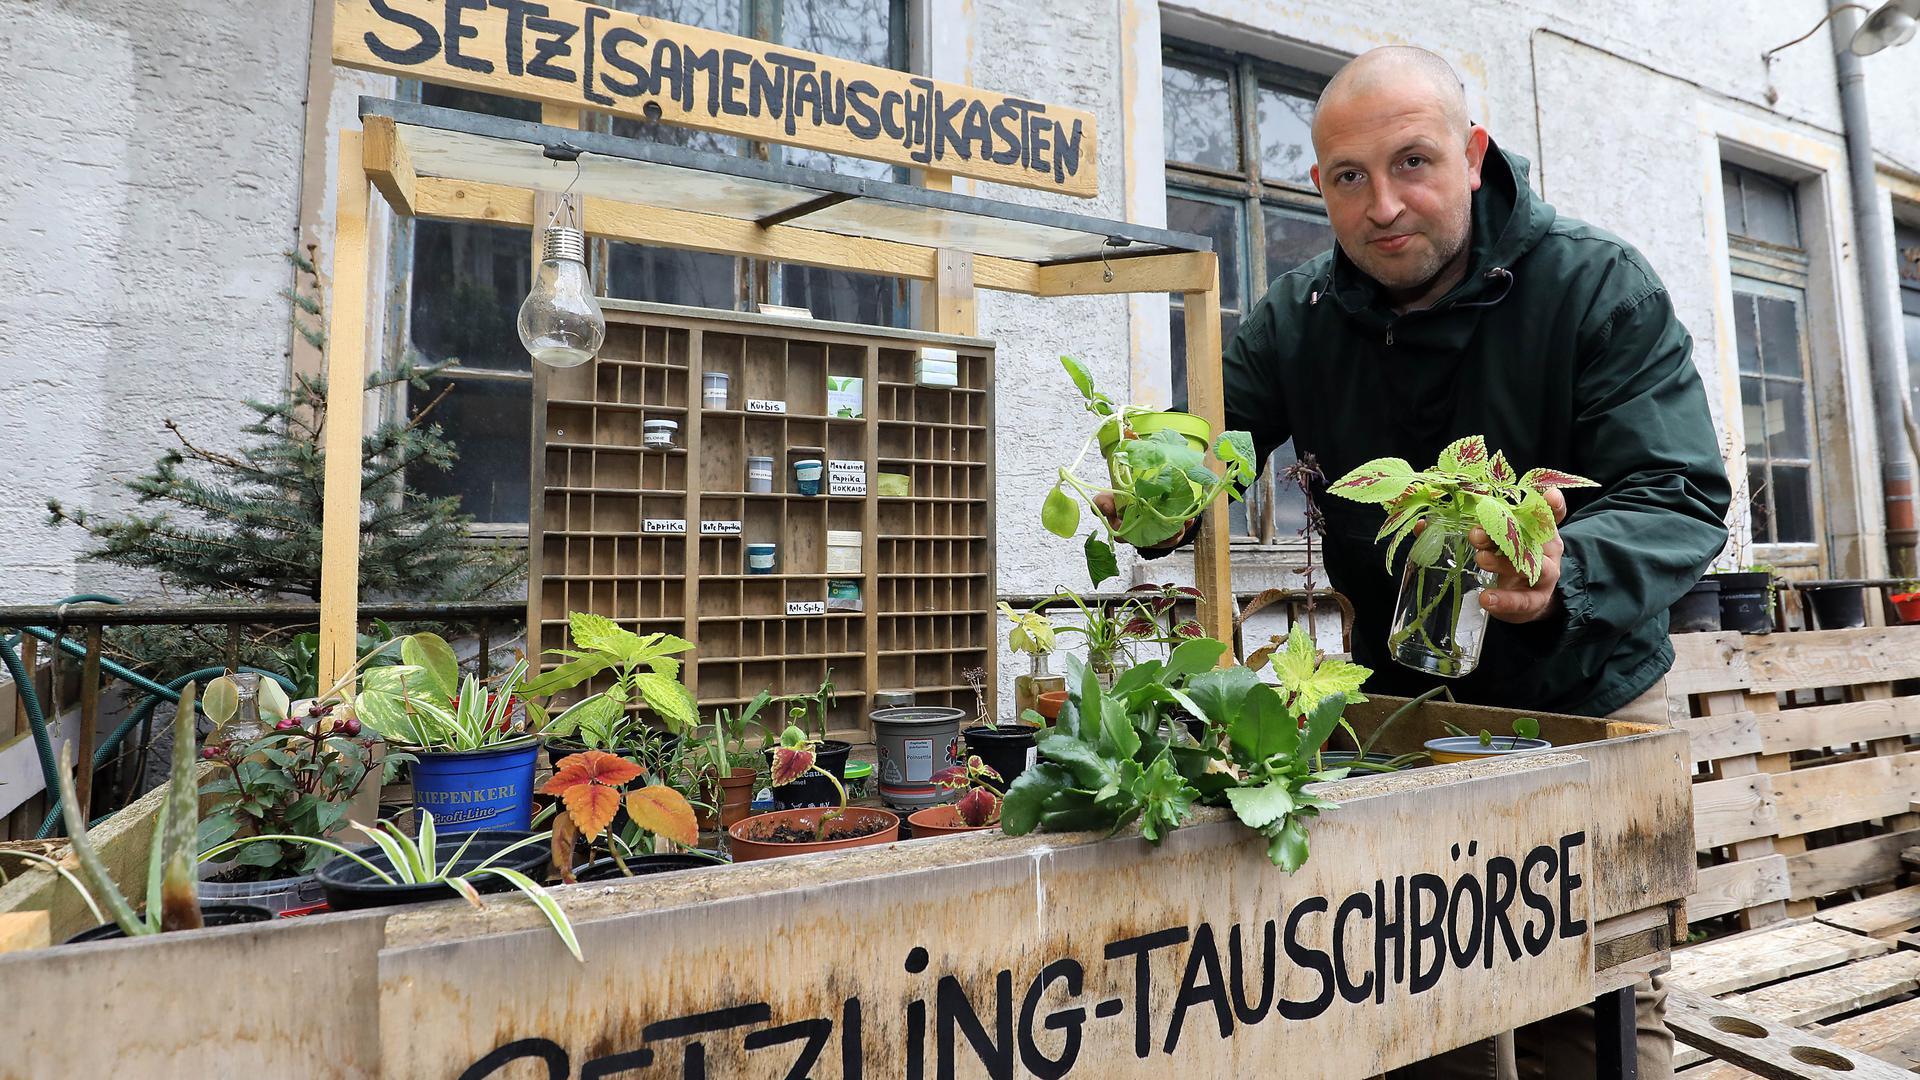 Mann steht vor einem Regal mit Pflanzen